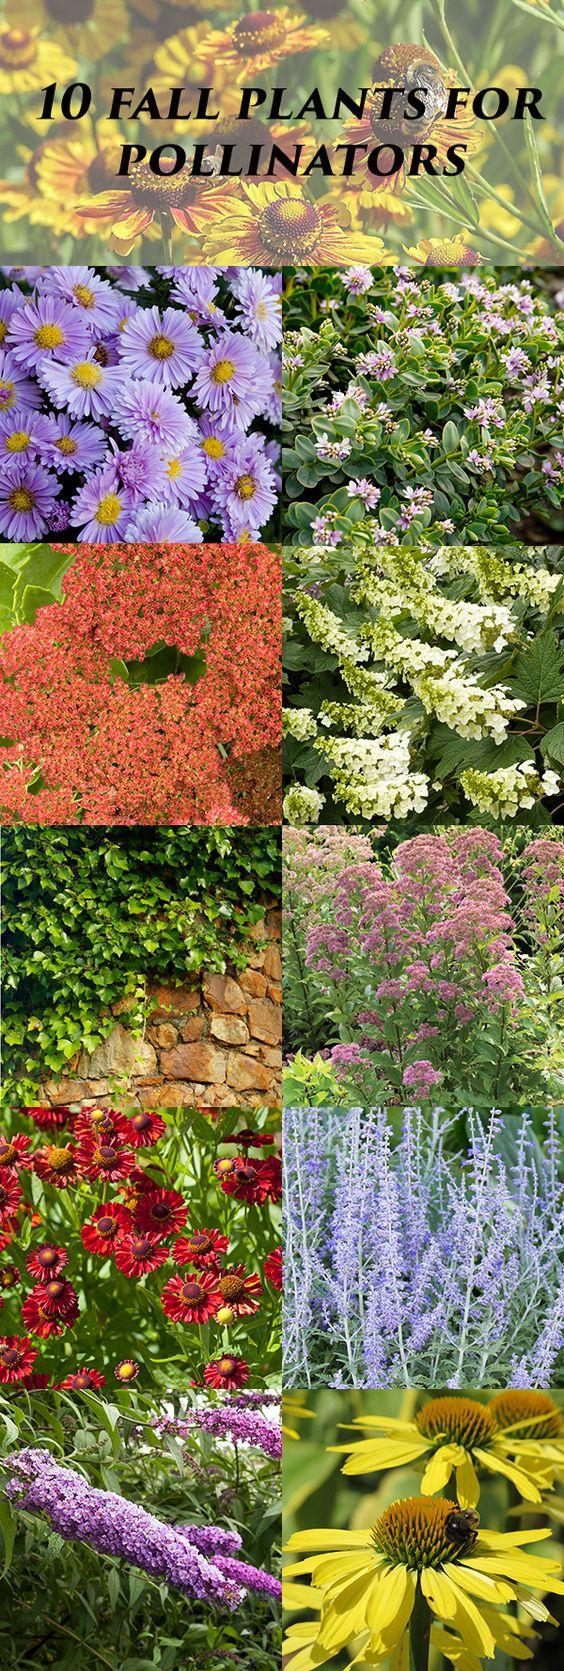 许多植物已经在夏末完成了开花,但蜜蜂,蝴蝶,飞蛾,黄蜂和灰飞虱仍然在翅膀上,觅食。就在这时候